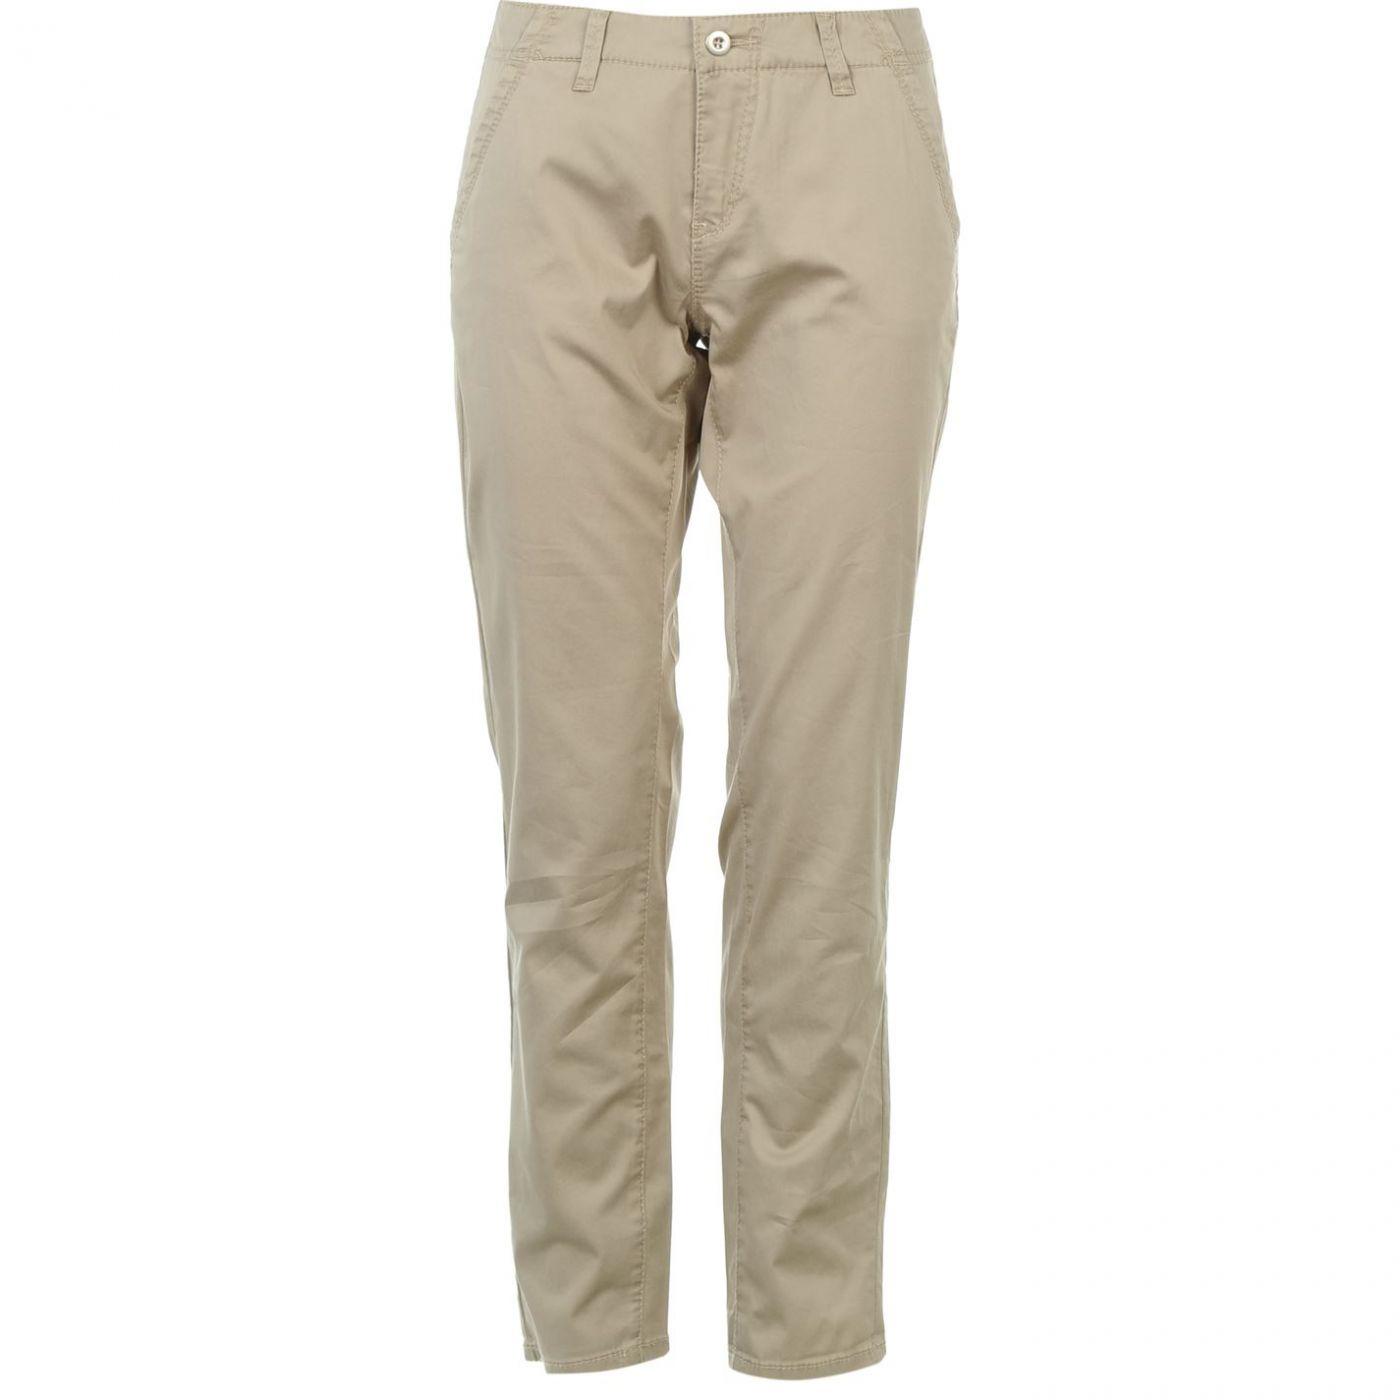 Mac Summer Feeling Trousers Ladies